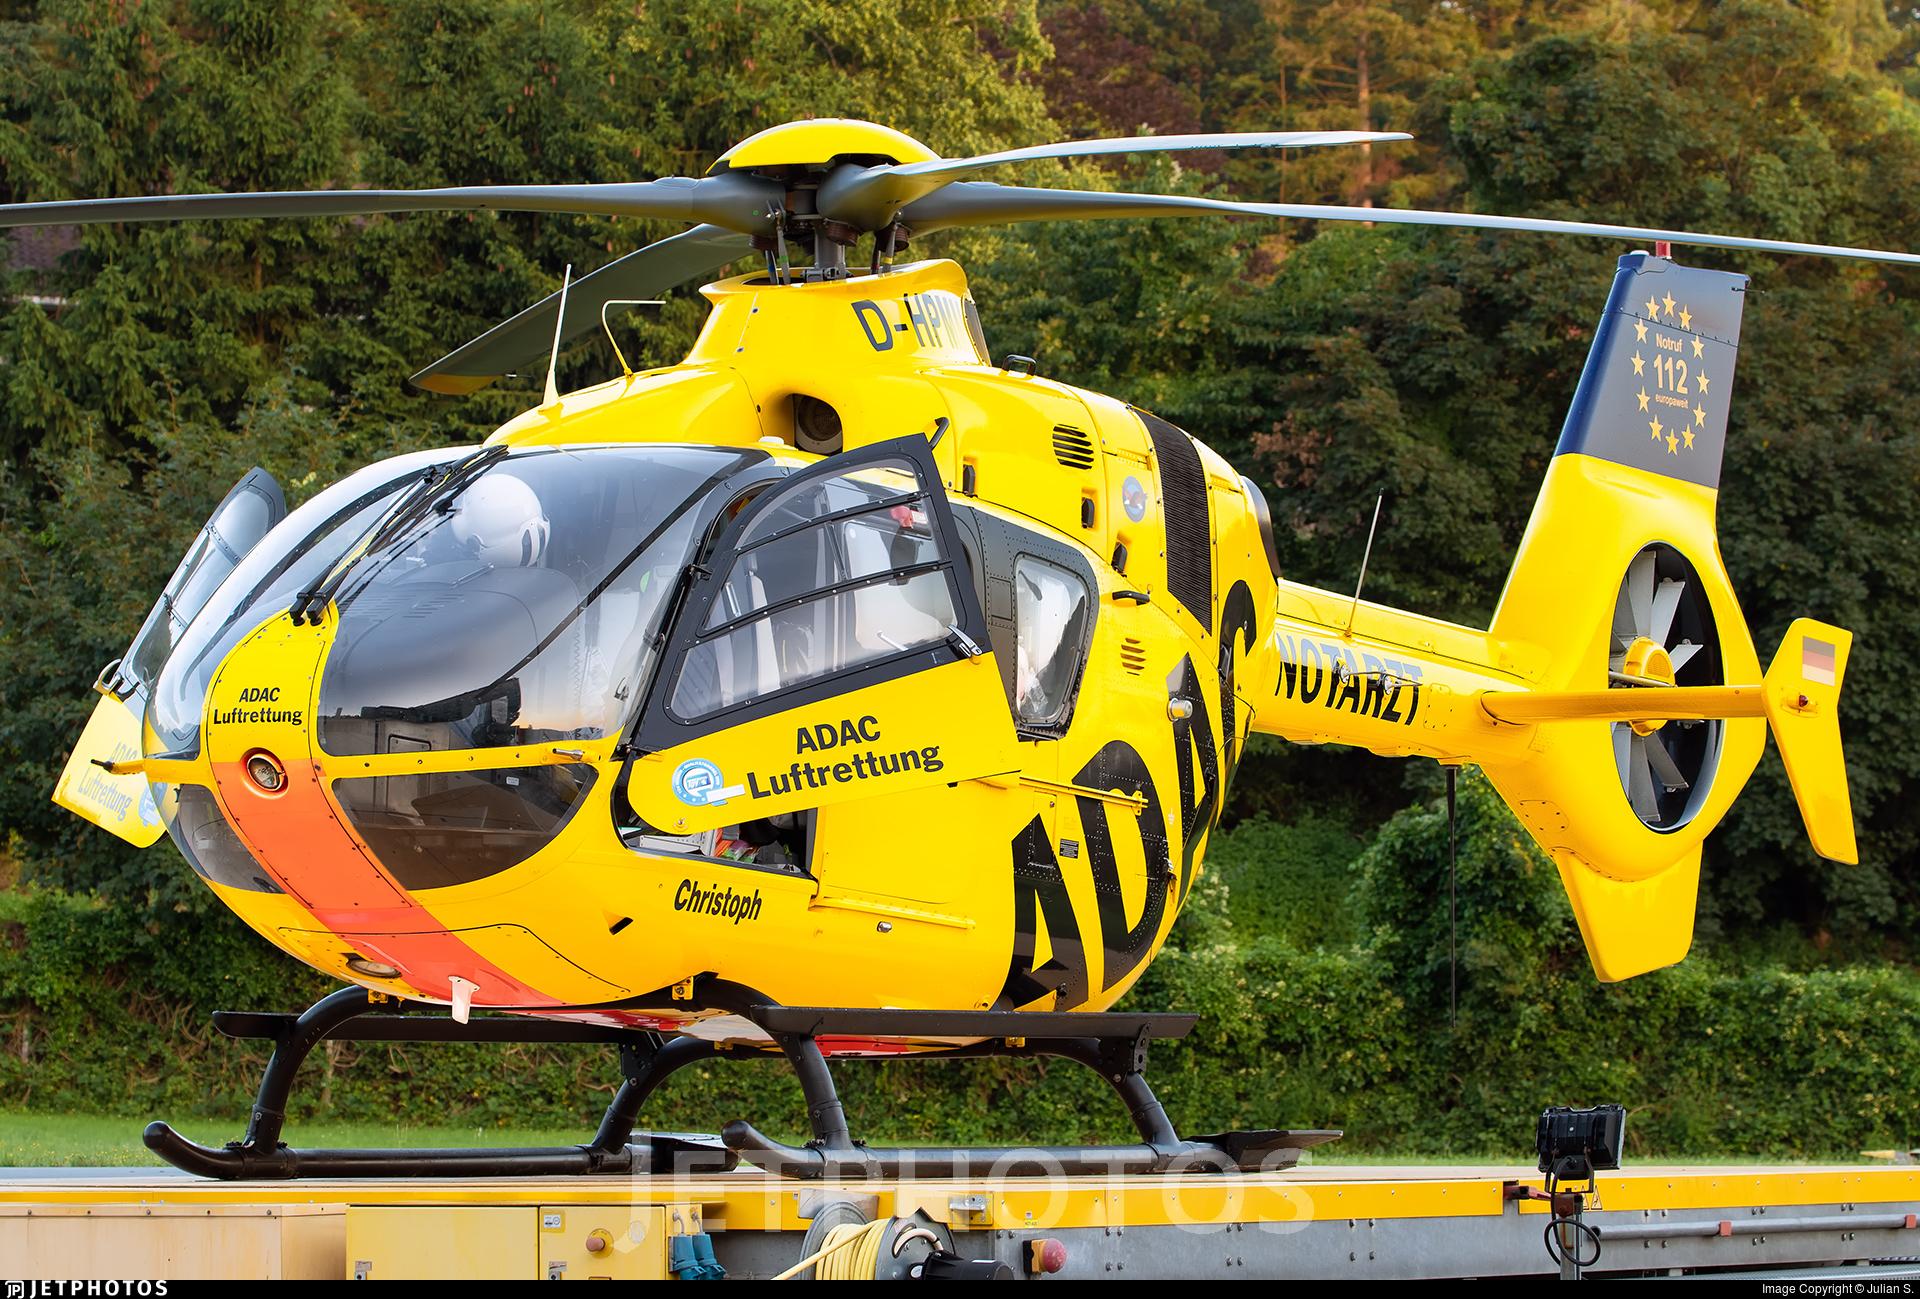 D-HPMM - Eurocopter EC 135P2 - ADAC Luftrettung